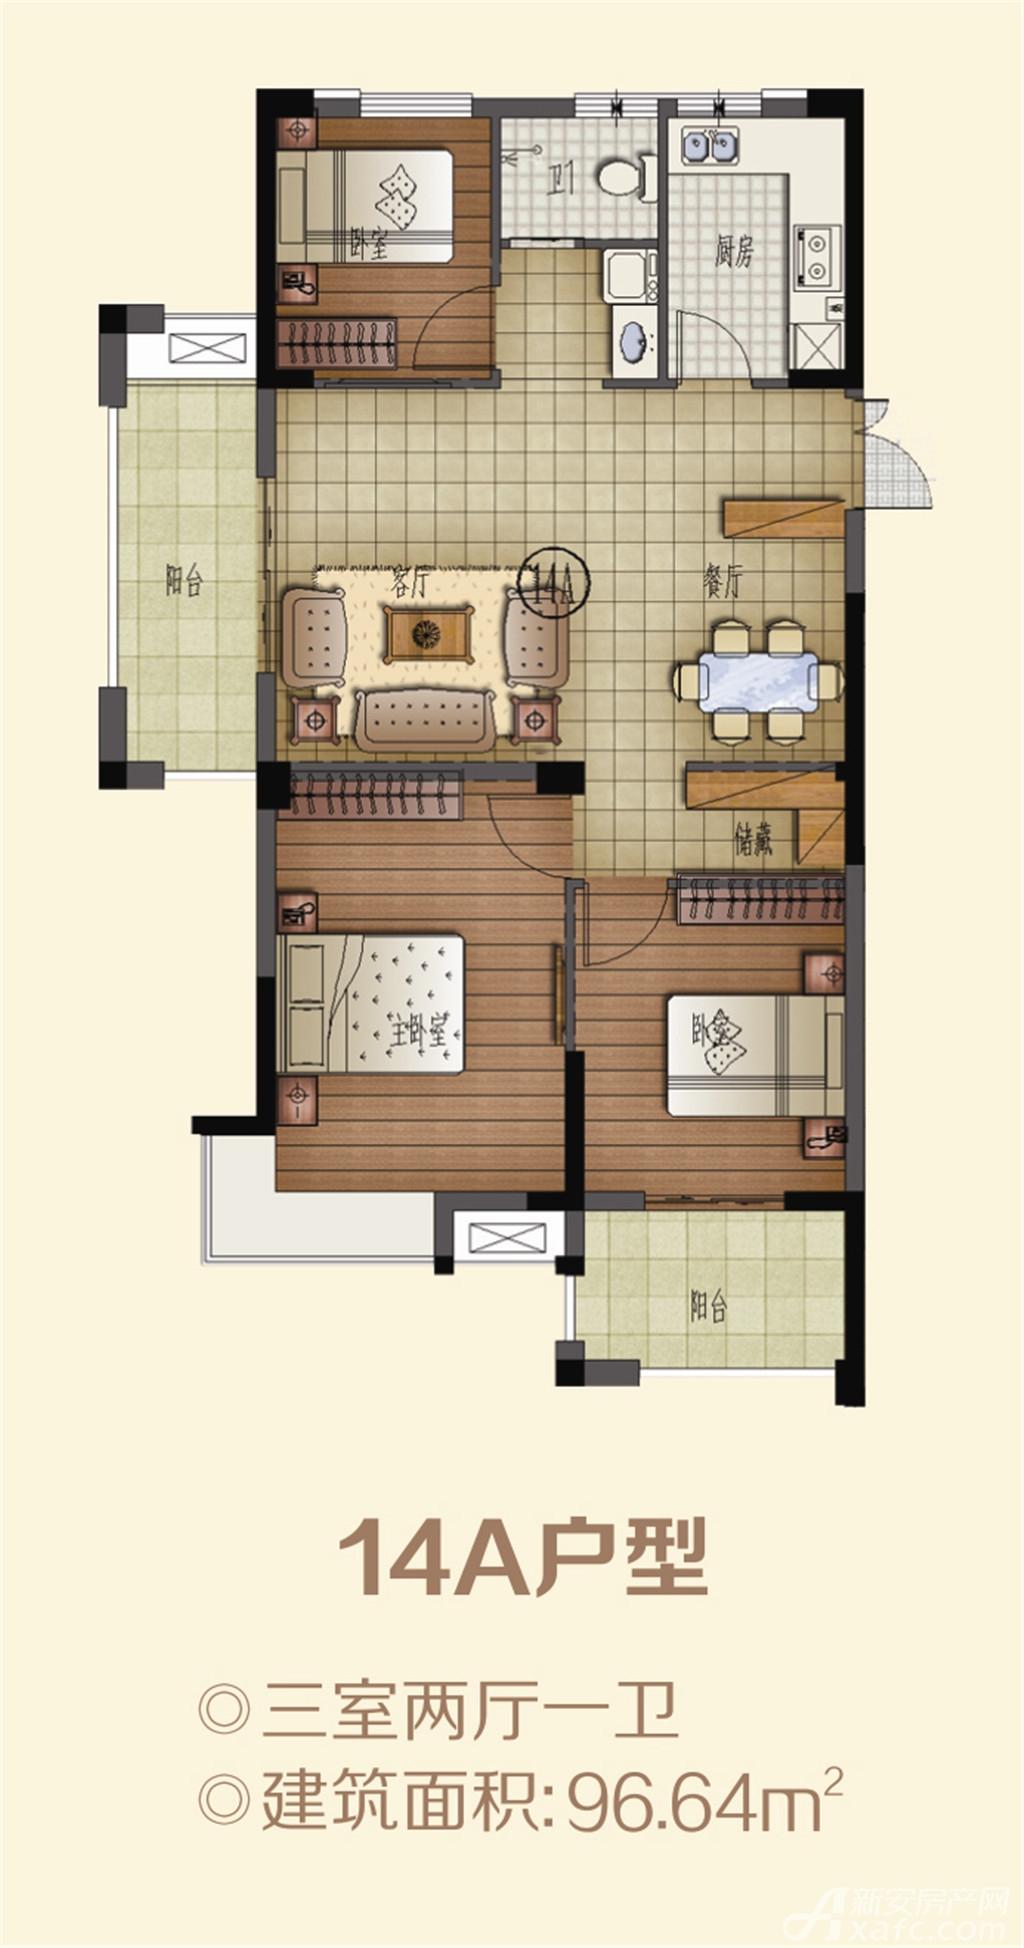 天润嘉城14A户型3室2厅96.64平米